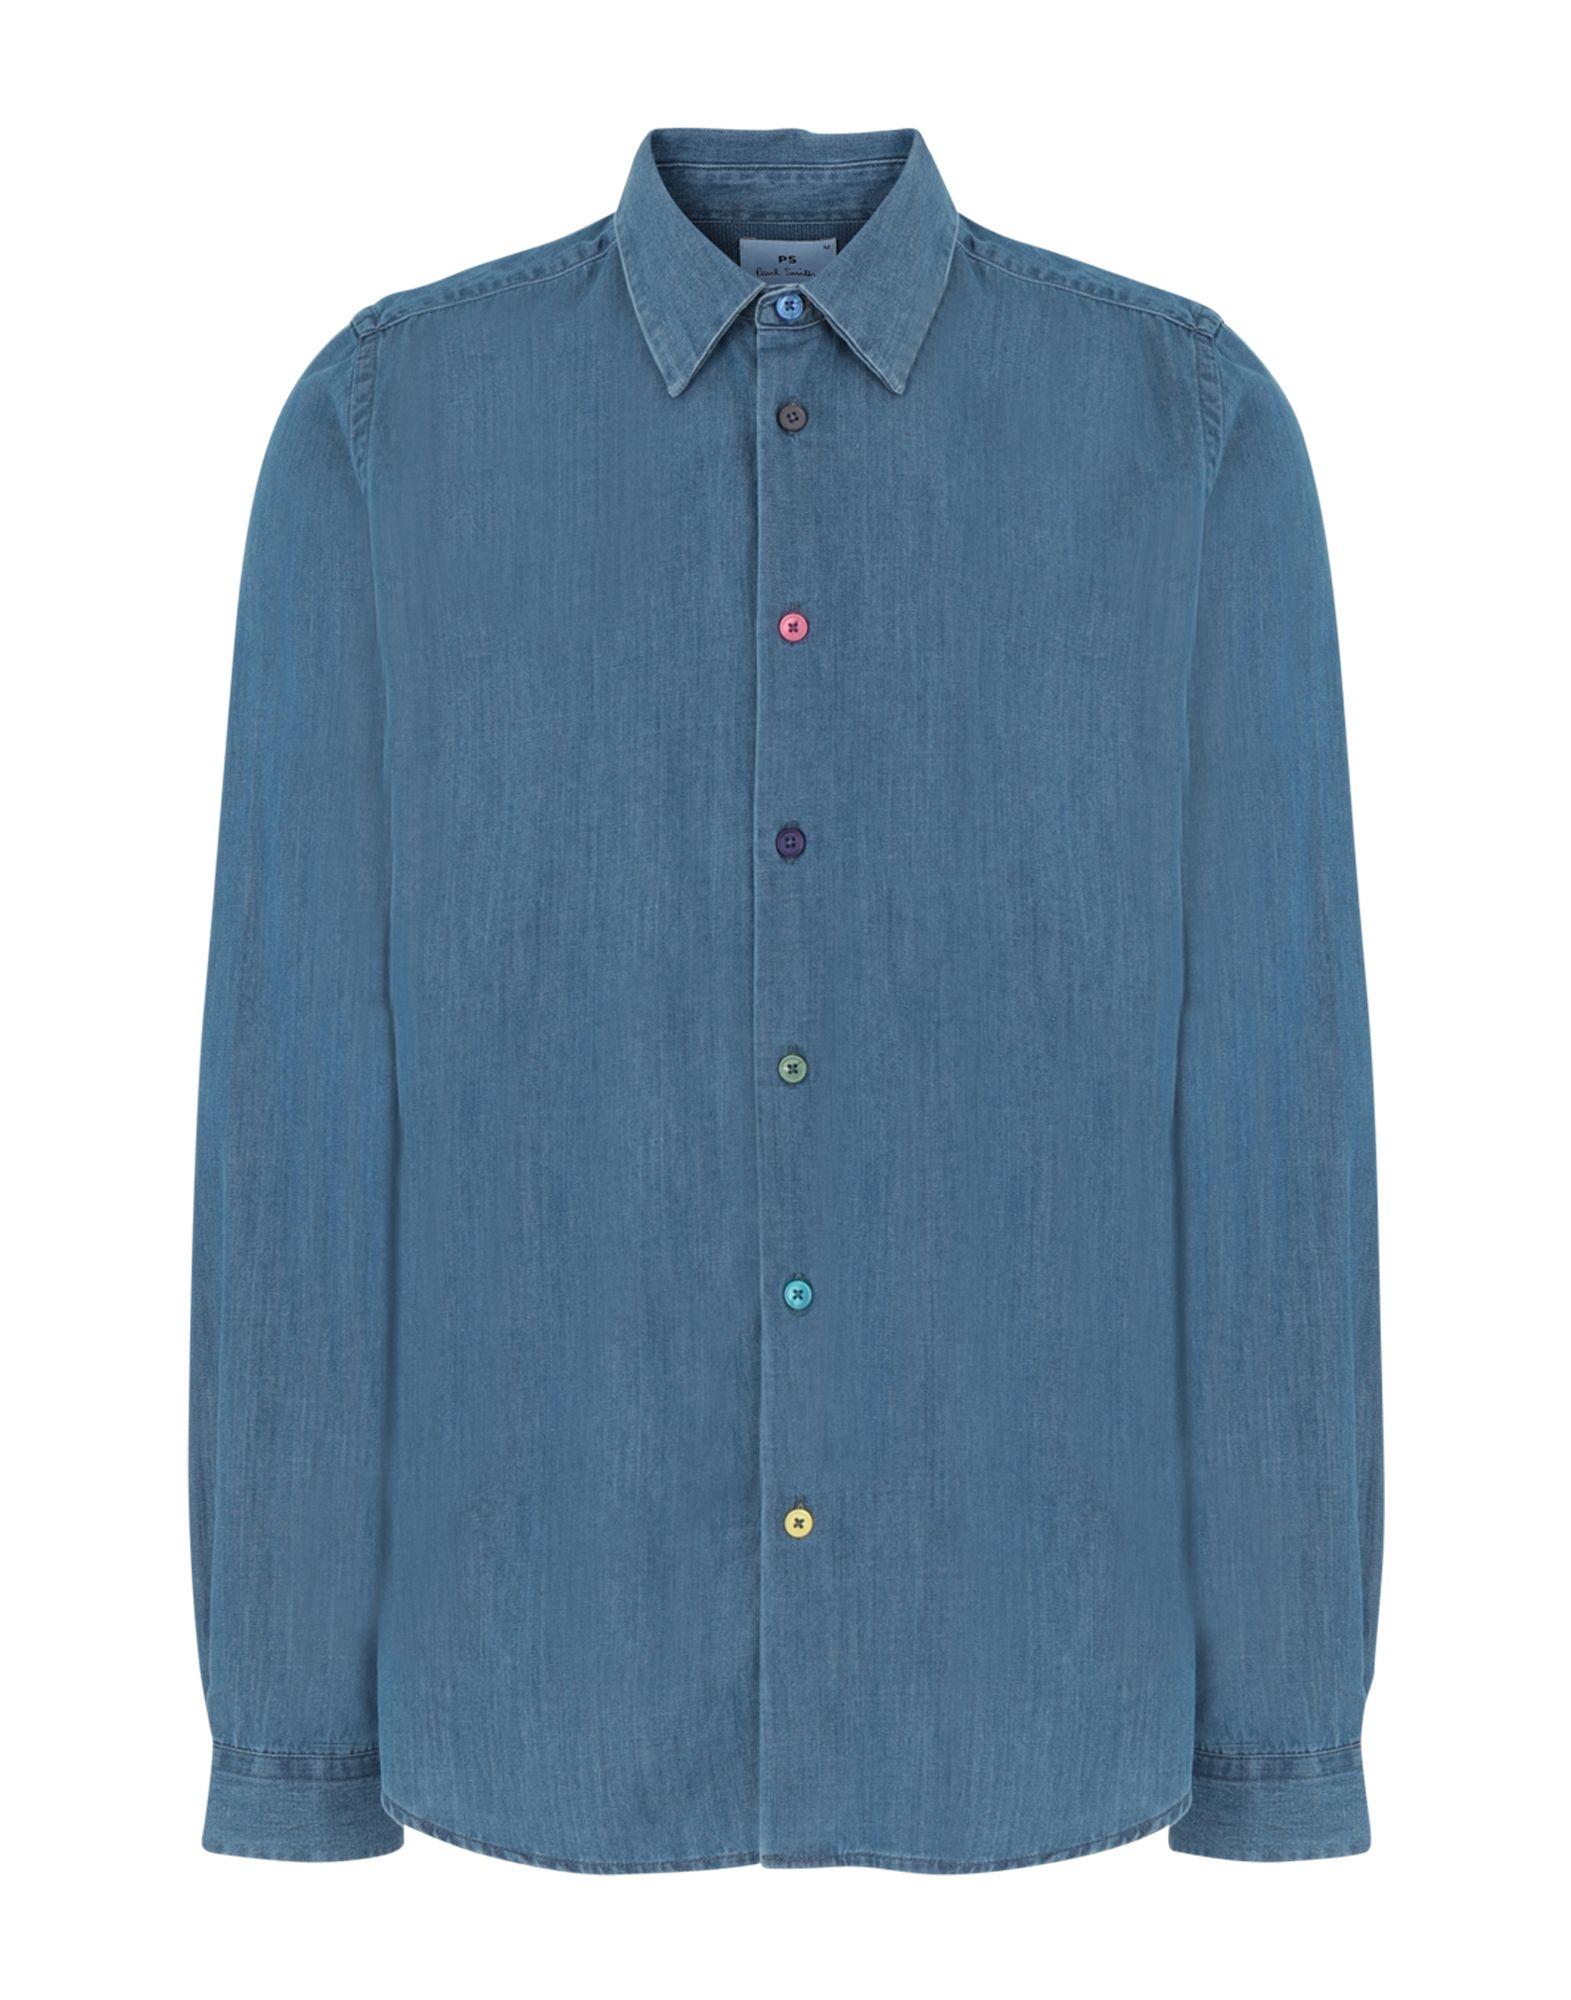 PS PAUL SMITH Джинсовая рубашка фото